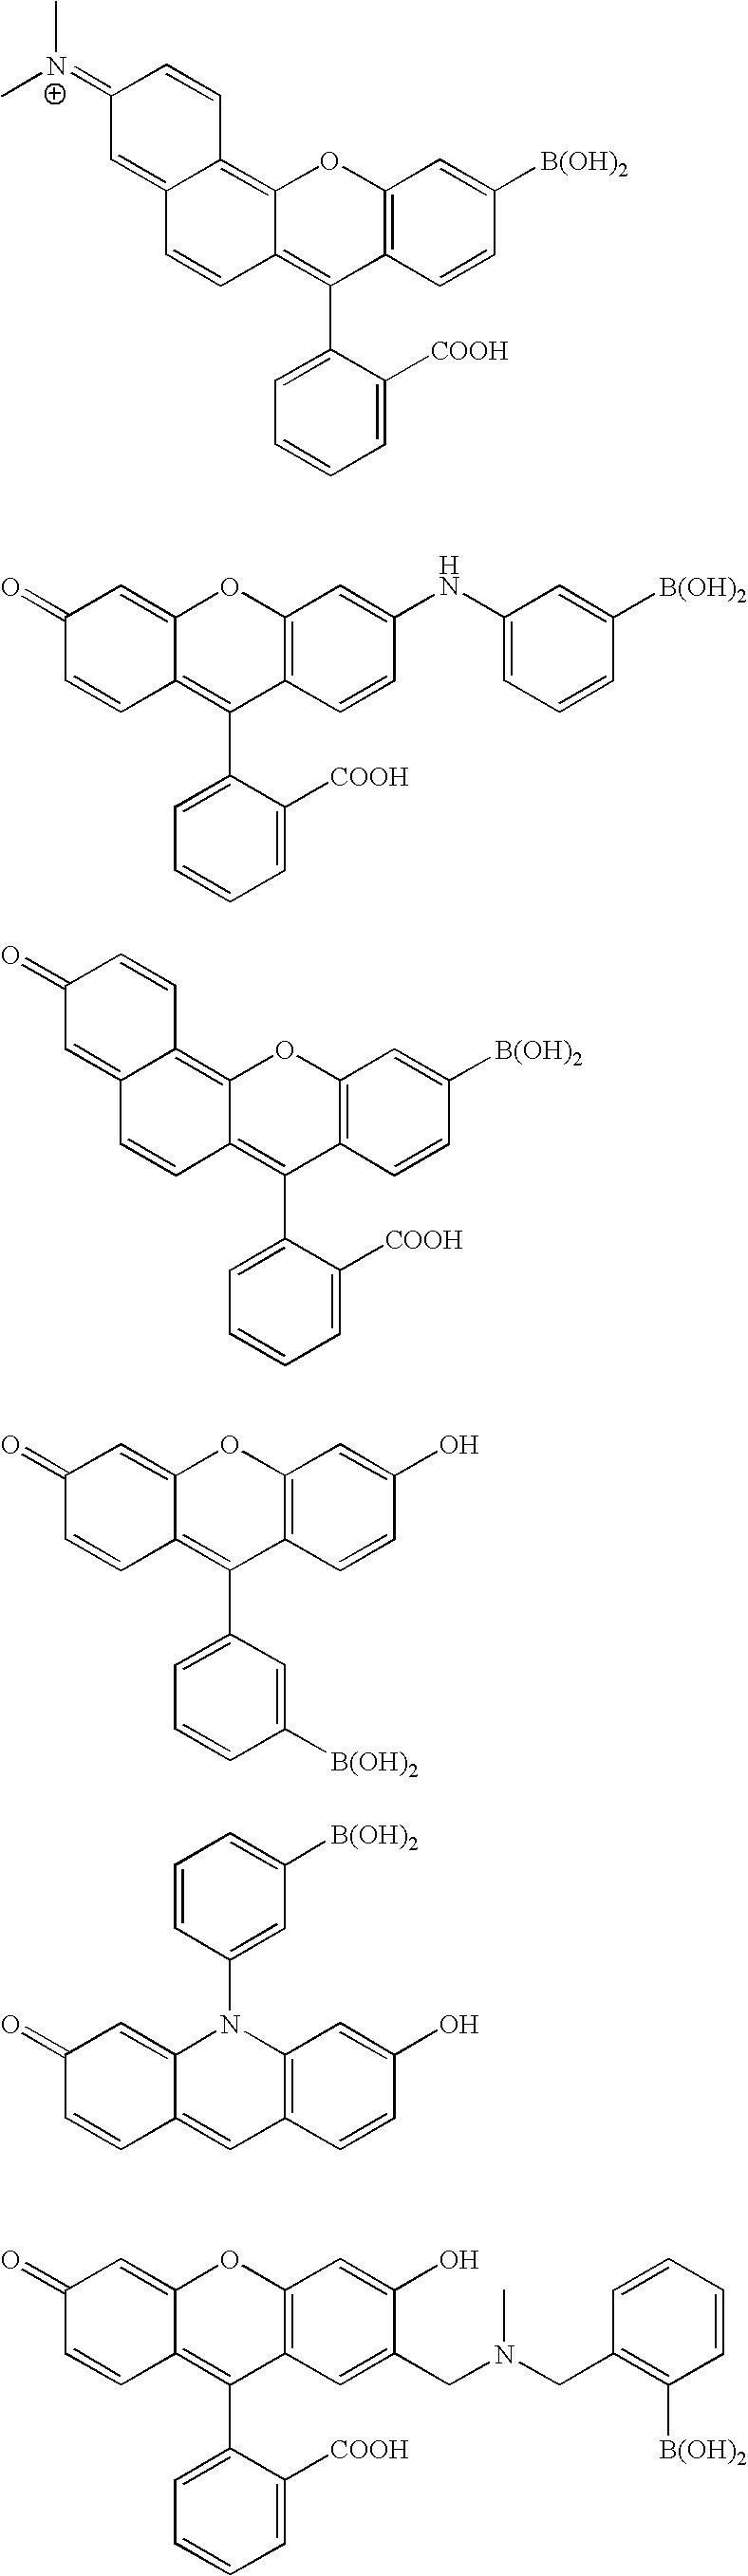 Figure US08008088-20110830-C00023